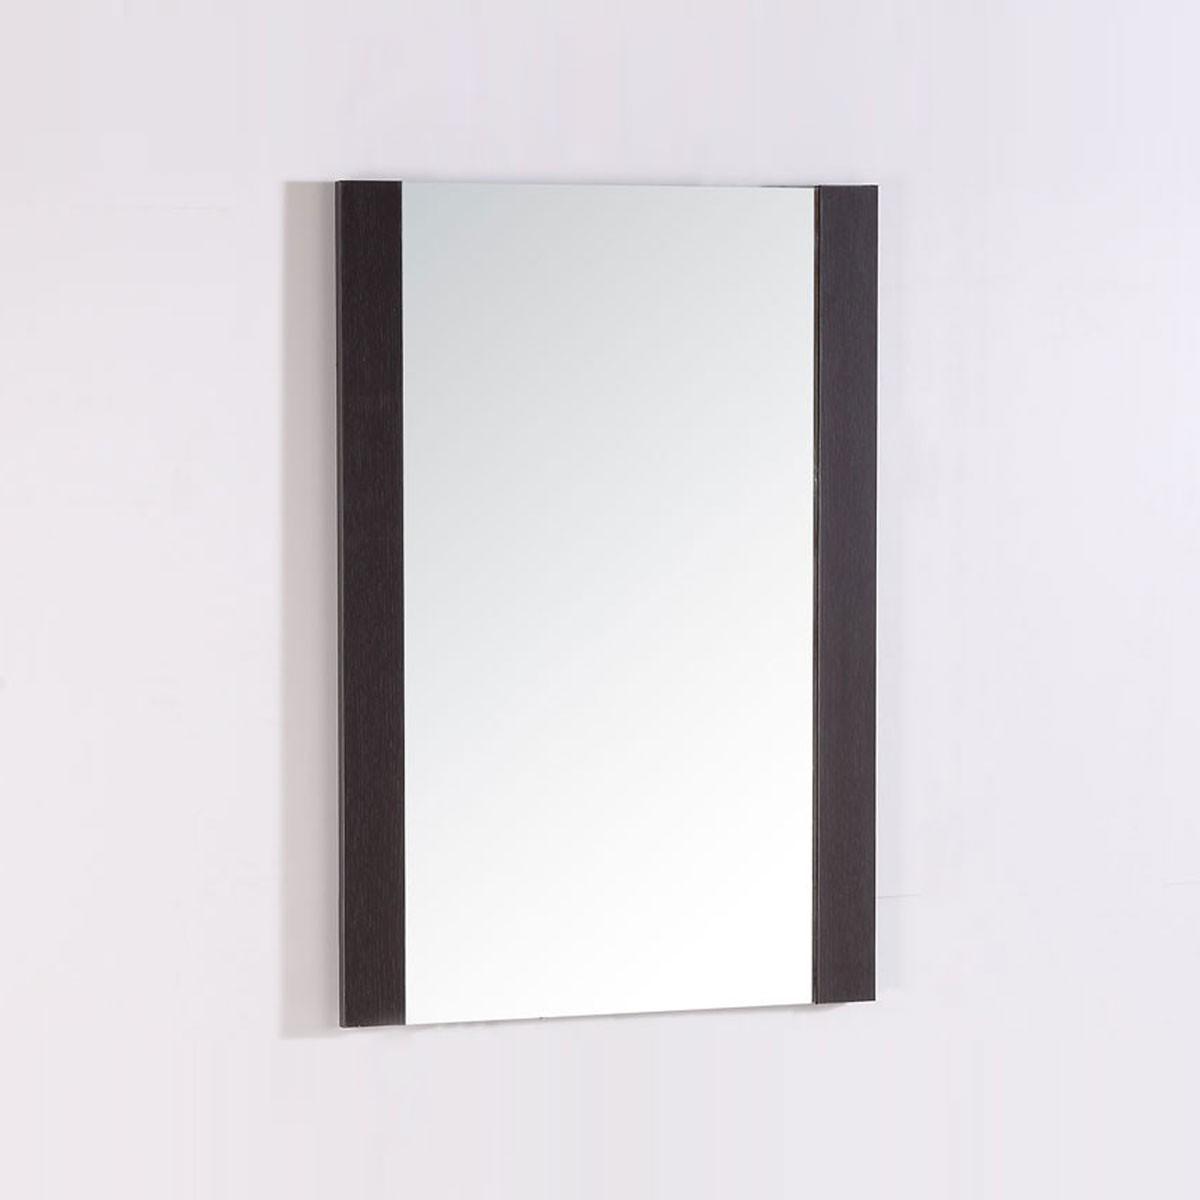 24 x 32 In. Bathroom Vanity Mirror (DK-TH9021A-M)